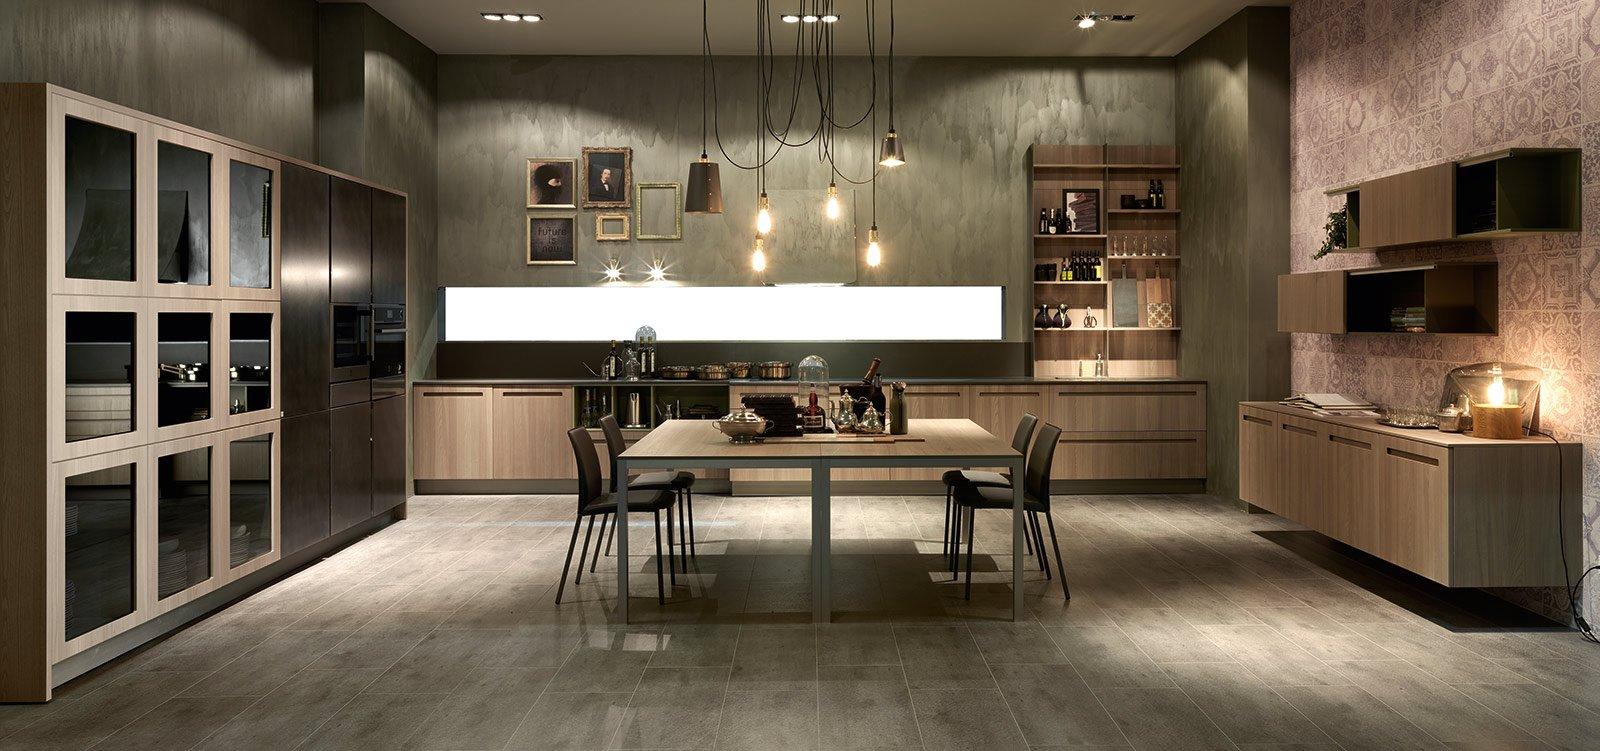 8 stosa mood 08 cose di casa - Cucine moderne in legno naturale ...